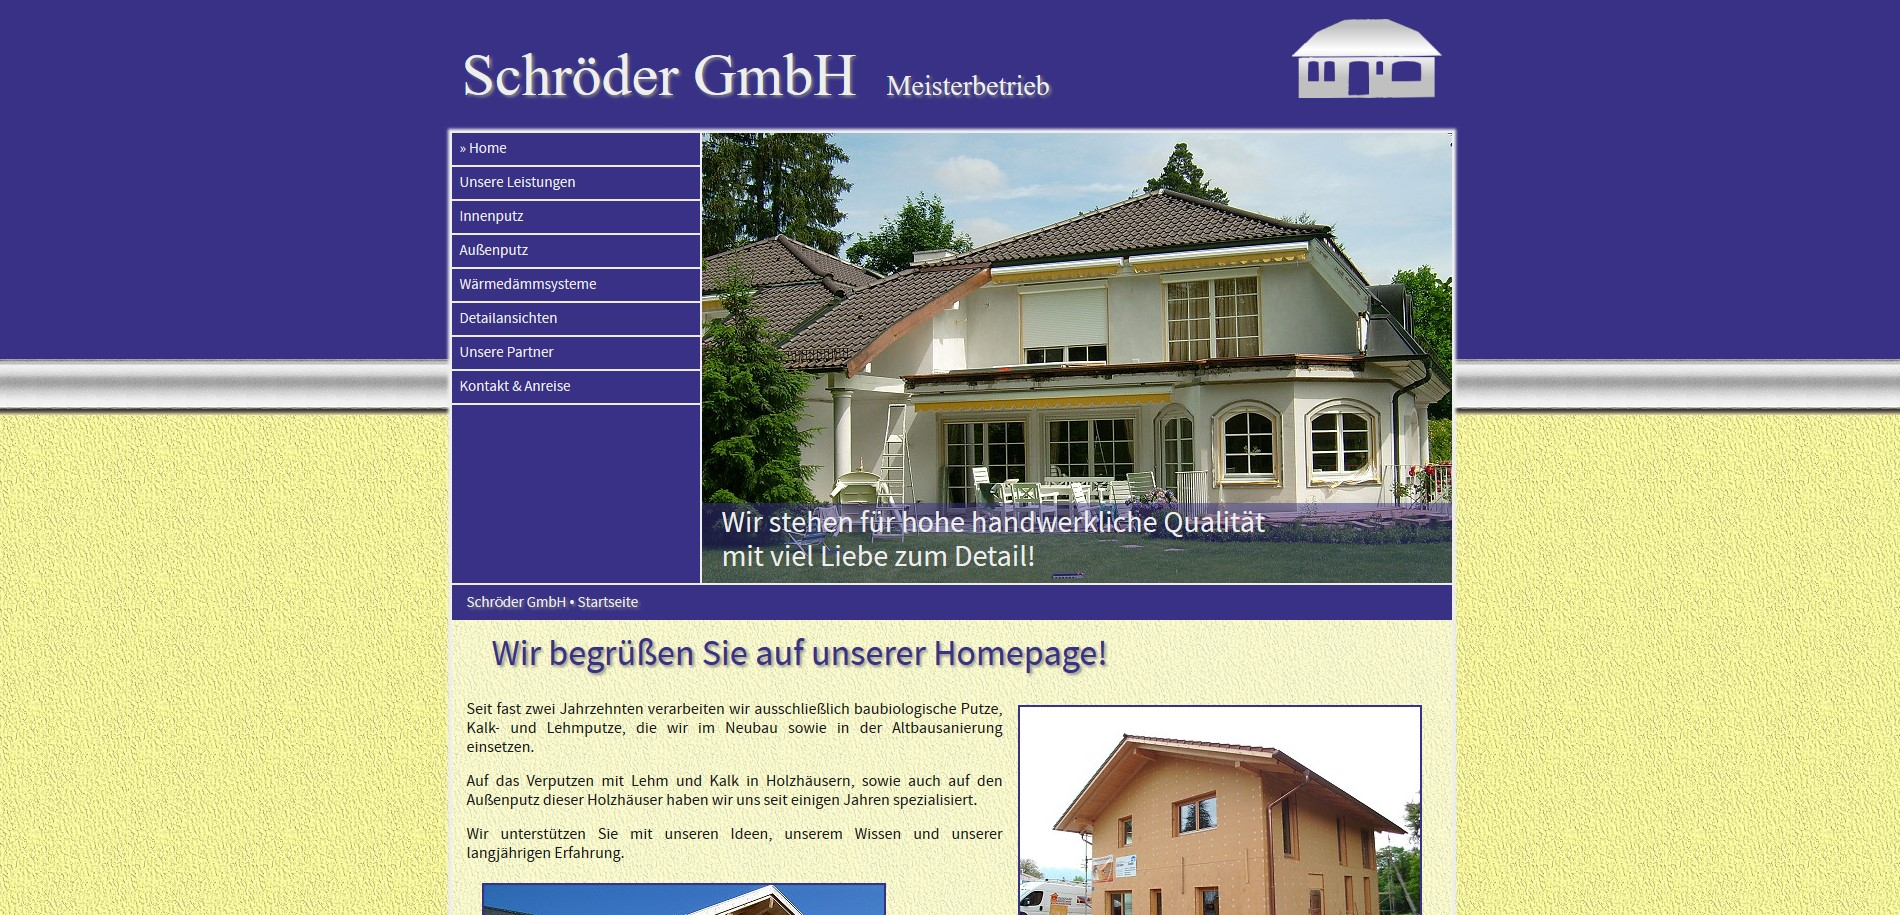 Schröder GmbH GmbH